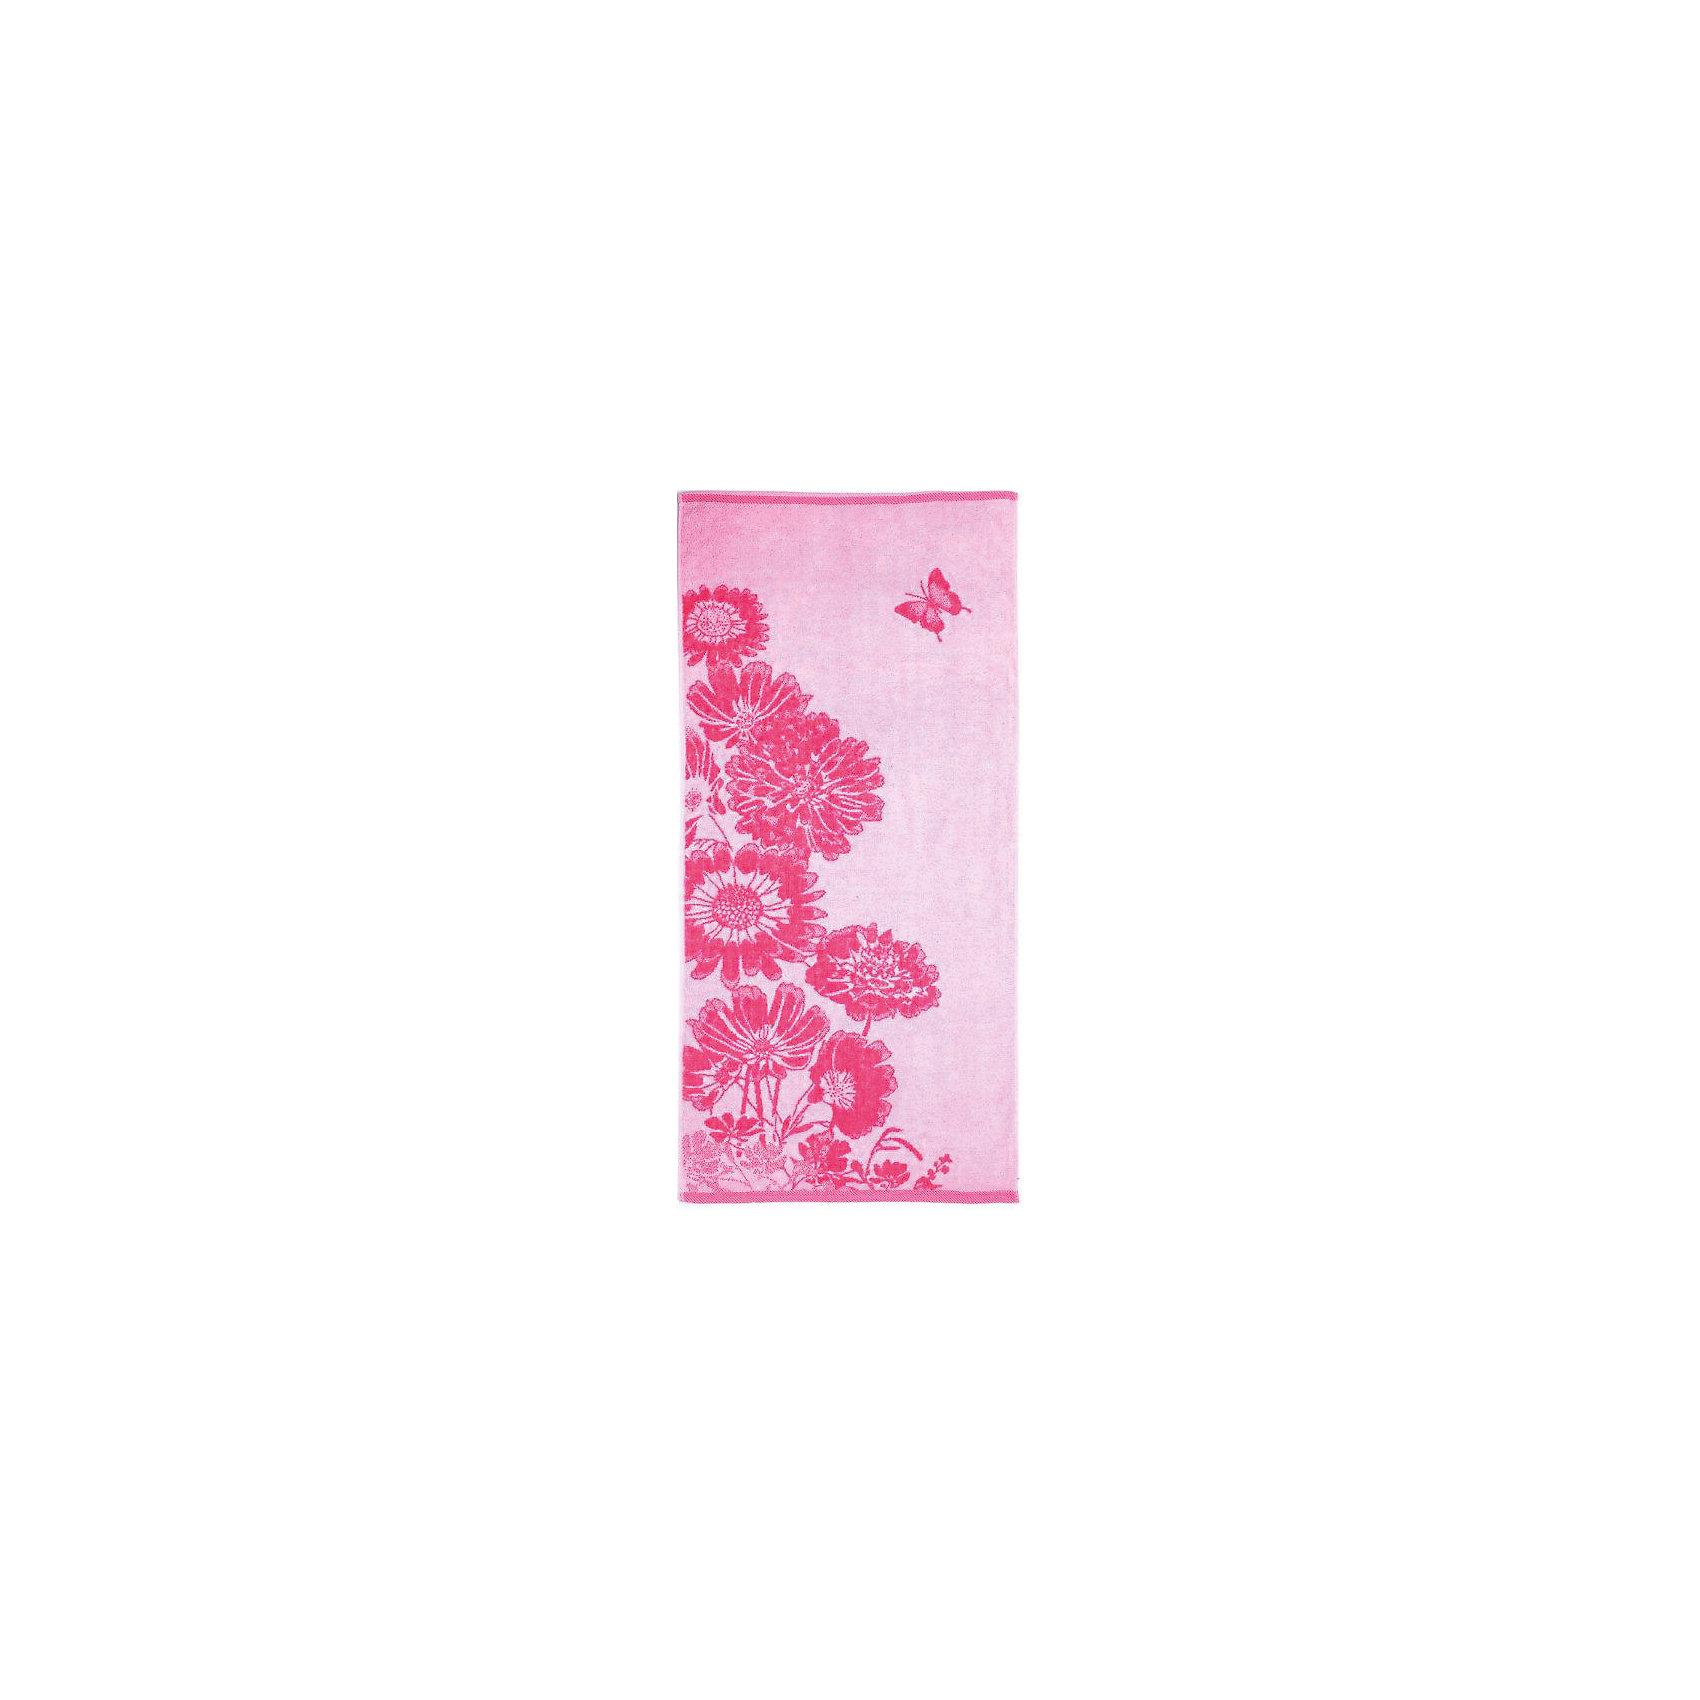 Полотенце махровое Цветник 50*90, Любимый дом, розовыйВанная комната<br>Махровое полотенце Цветник подарит вам необычайную мягкость после водных процедур. Полотенце изготовлено из качественного хлопка, поэтому оно хорошо впитывает влагу, приятно на ощупь и сохраняет свои качества после многих стирок. Красивая вышивка с цветами непременно понравится вам!<br><br>Дополнительная информация:<br>Материал: 100% хлопок<br>Цвет: розовый<br>Размер: 50х90 см<br>Торговая марка: Любимый дом<br><br>Вы можете приобрести махровое полотенце Цветник в нашем интернет-магазине.<br><br>Ширина мм: 500<br>Глубина мм: 500<br>Высота мм: 200<br>Вес г: 250<br>Возраст от месяцев: 0<br>Возраст до месяцев: 144<br>Пол: Унисекс<br>Возраст: Детский<br>SKU: 5010962